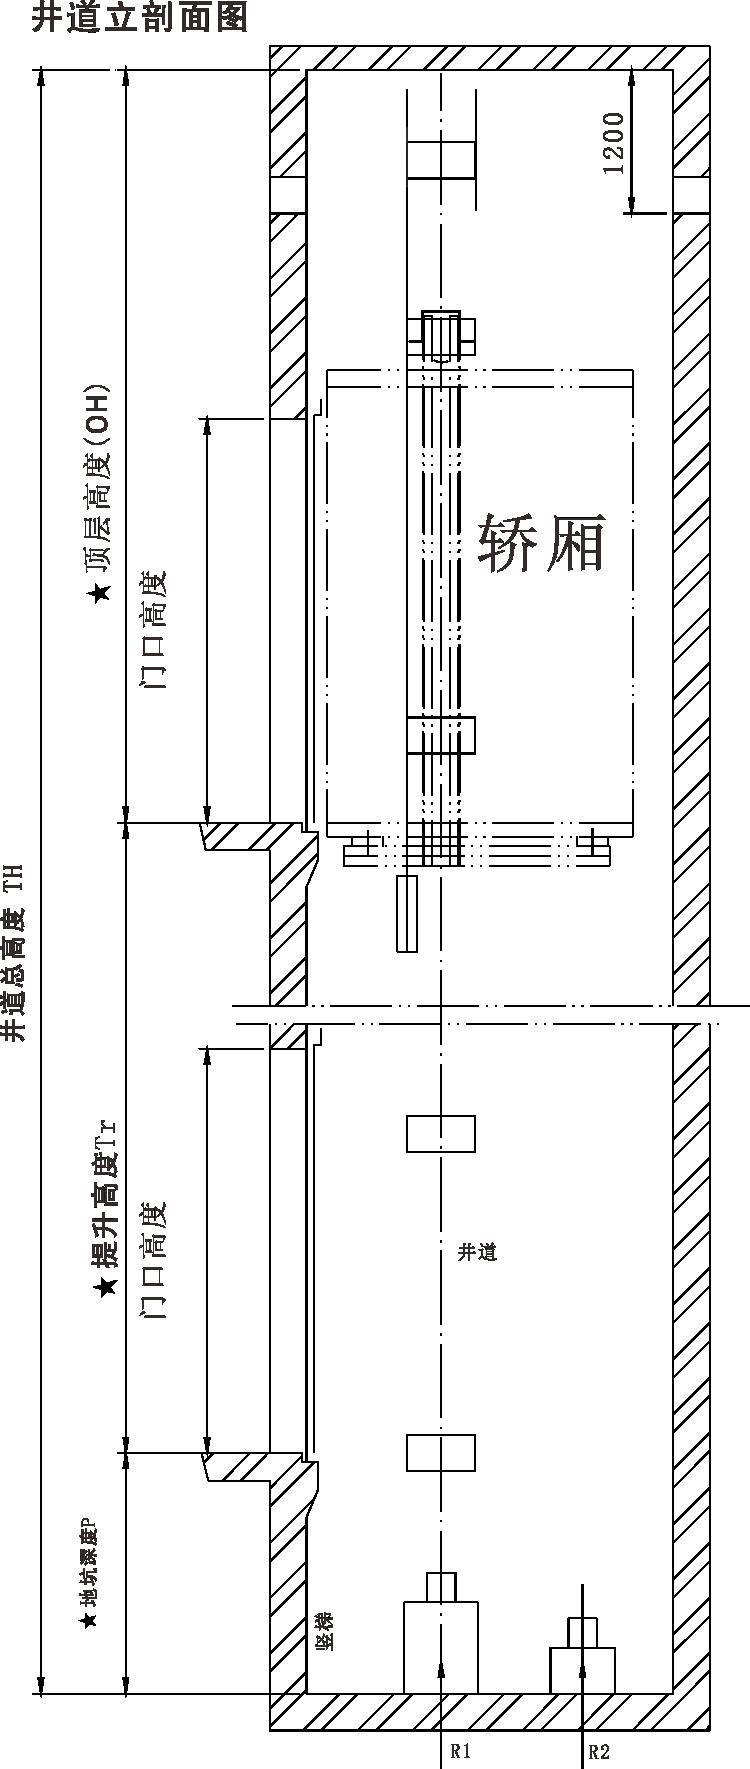 电梯井道,厅门口及机房预留孔或预埋件等技术细节